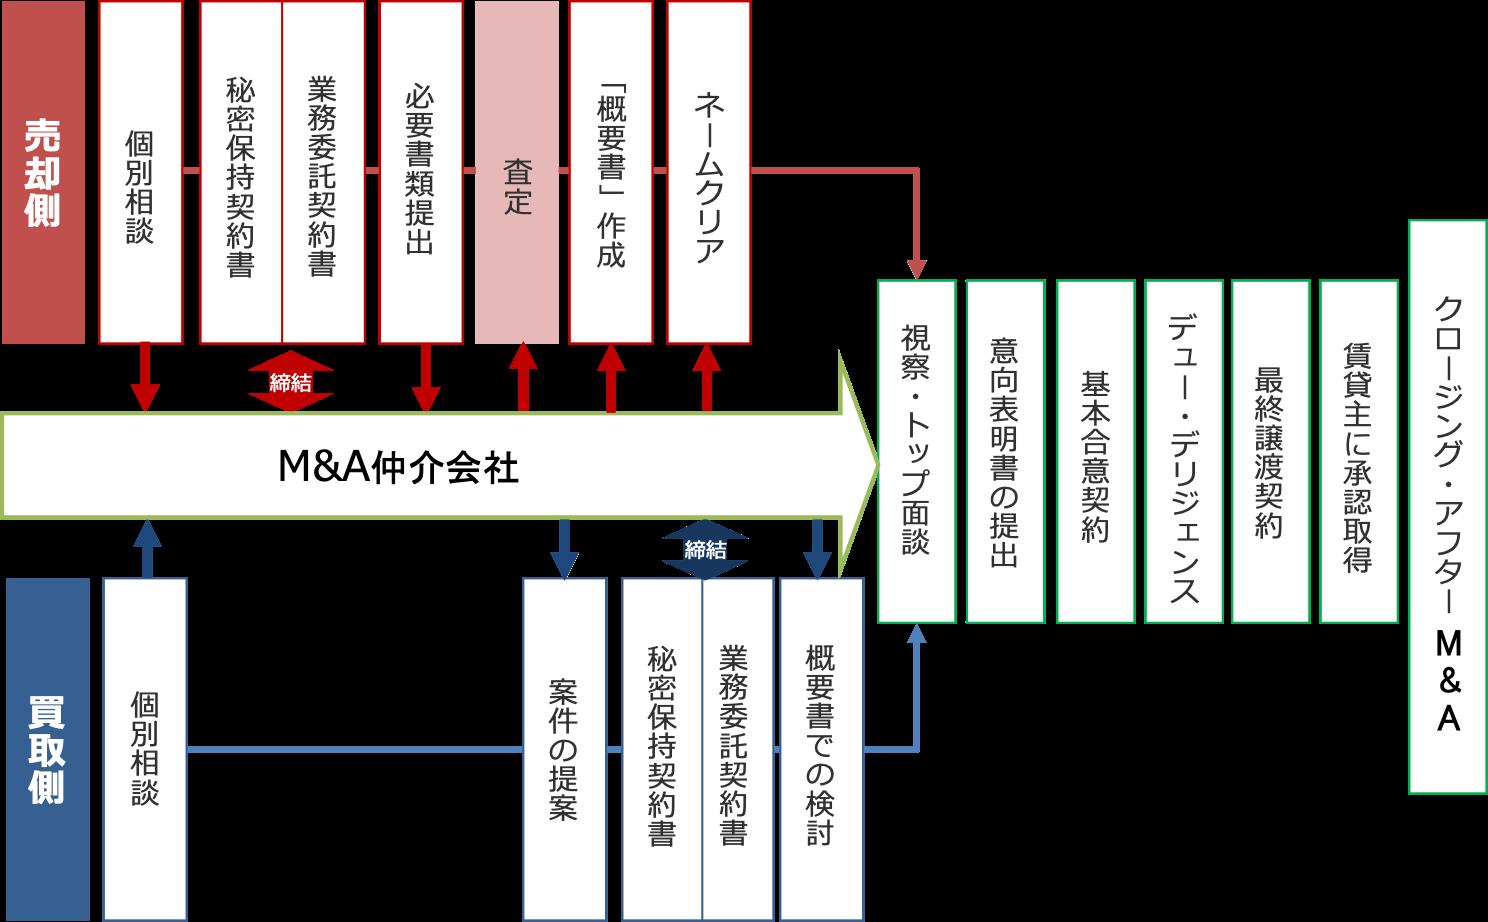 M&Aの流れの図